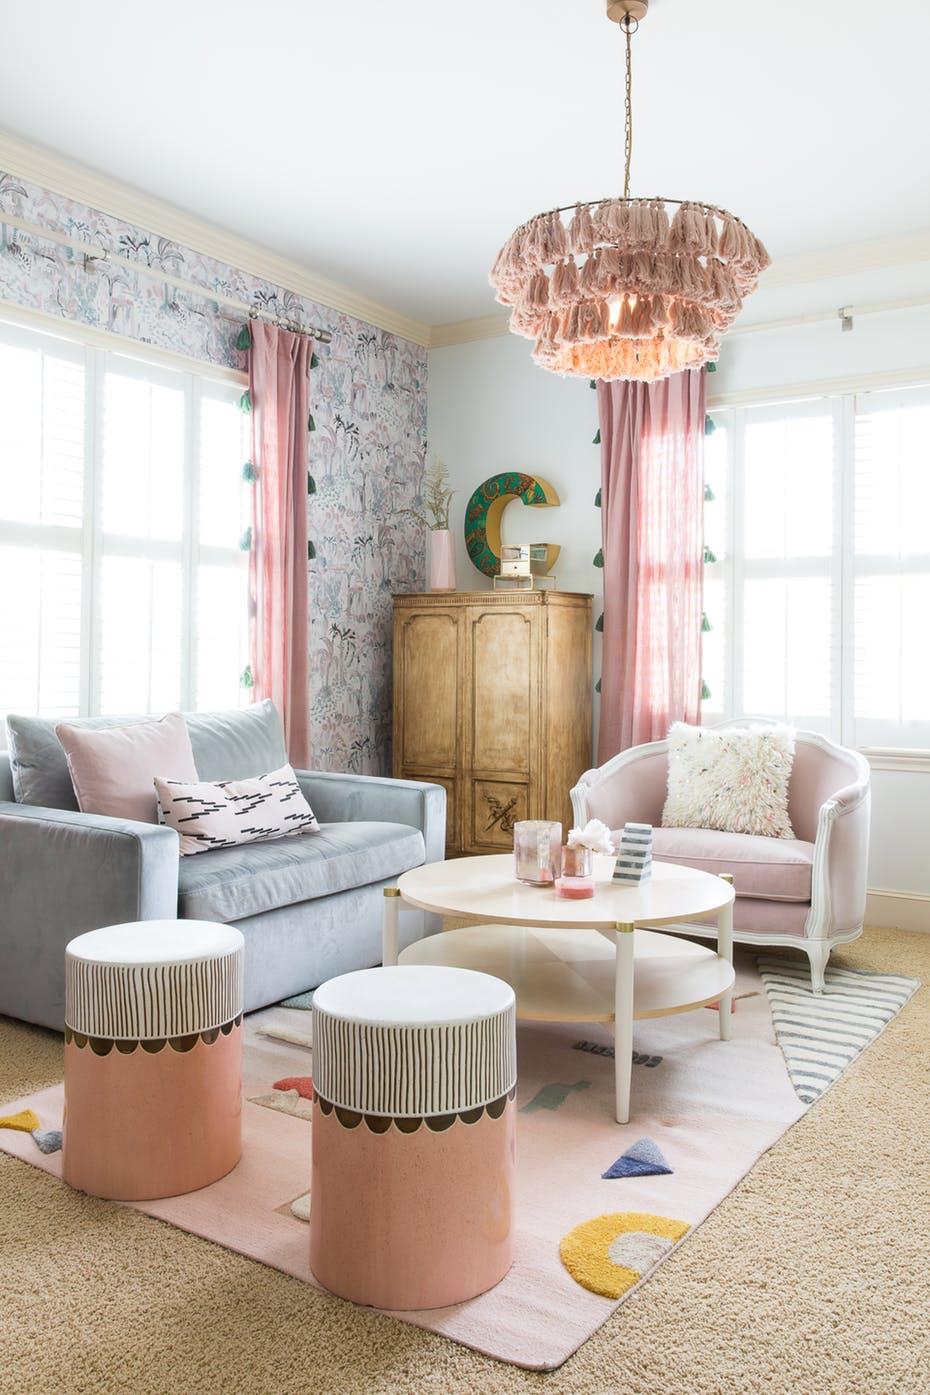 Những bộ đèn trang trí sắc màu này liệu có khiến ngôi nhà của bạn trở nên rực rỡ - Ảnh 16.